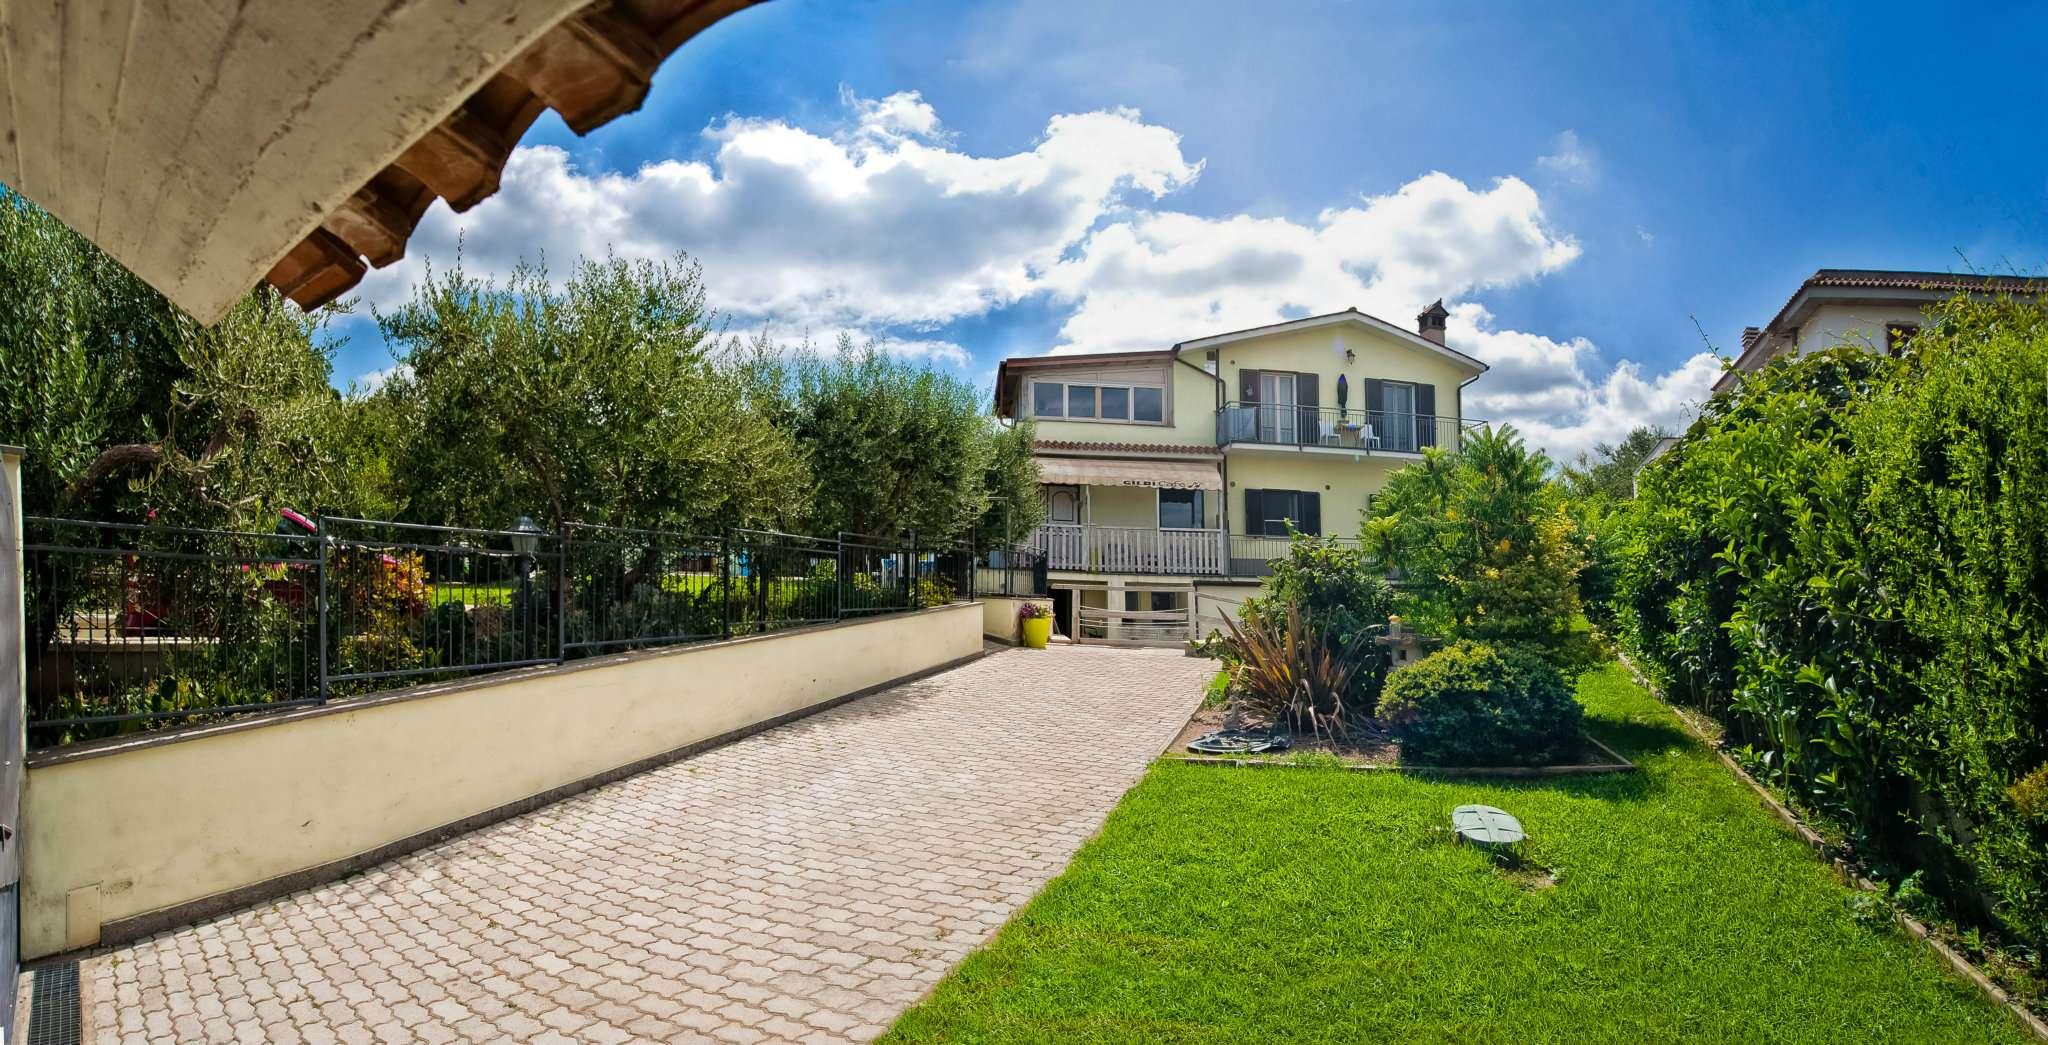 Villa in vendita a Marino, 8 locali, prezzo € 399.000 | CambioCasa.it